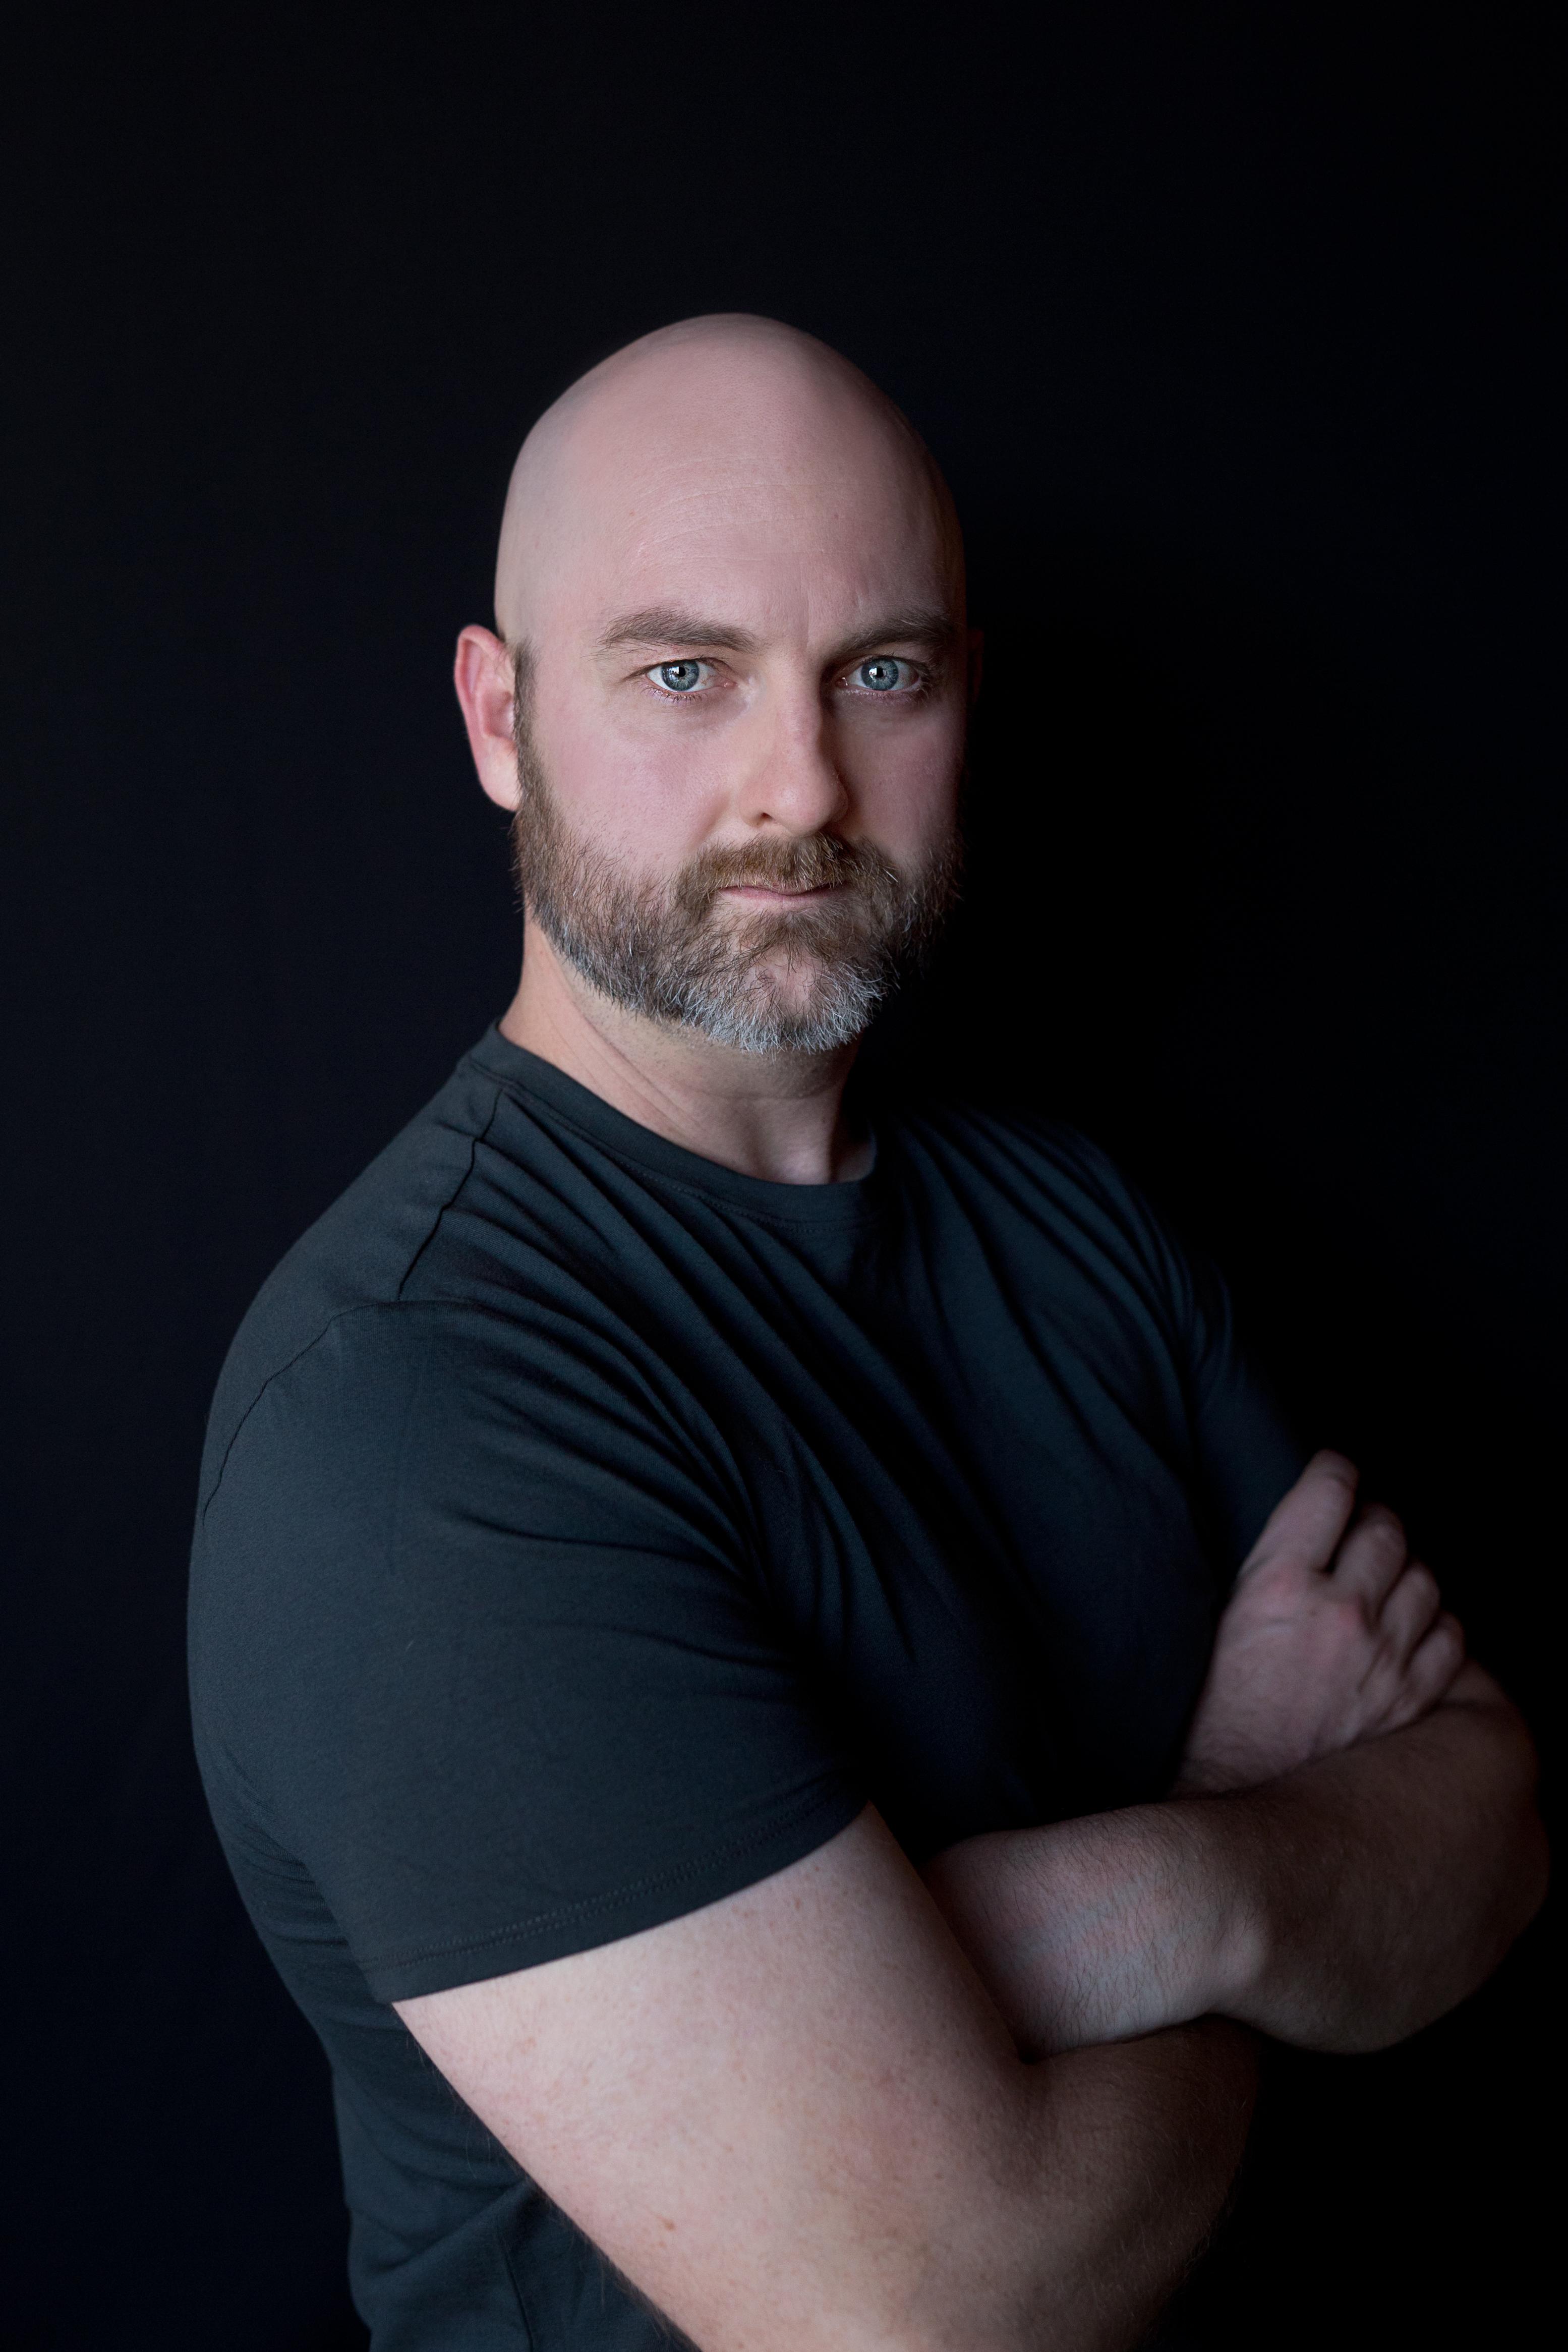 Dr. Garrett Hope—composer and speaker